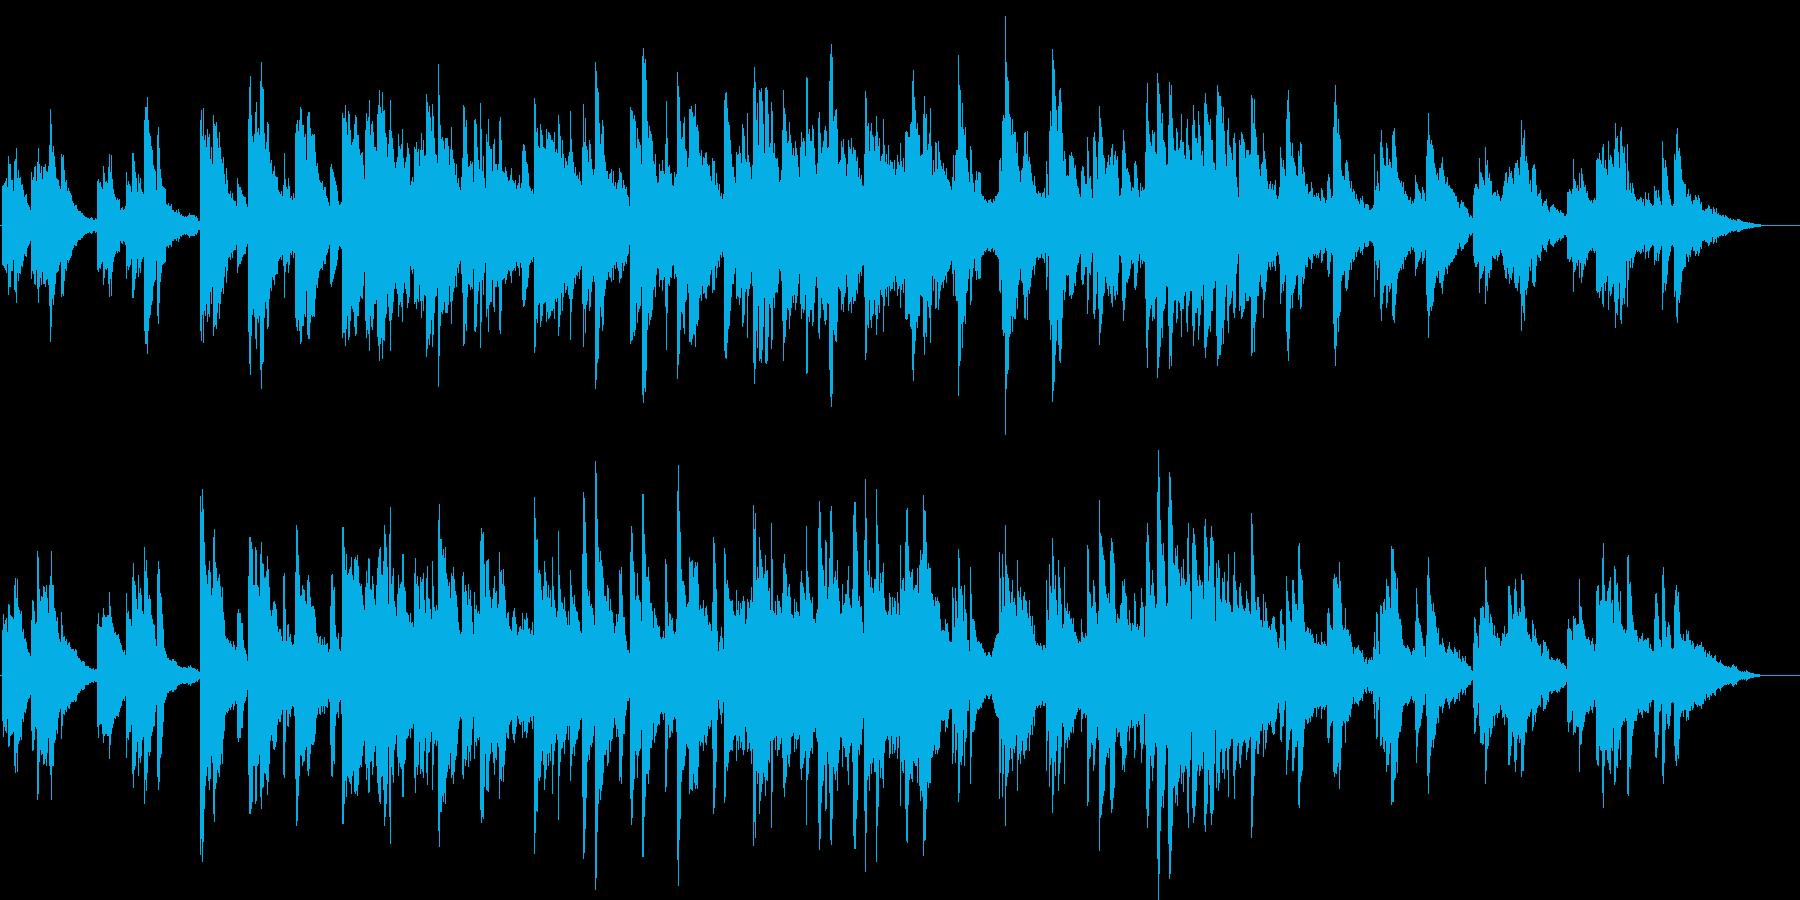 ピアノとストリングスの優しい曲03の再生済みの波形